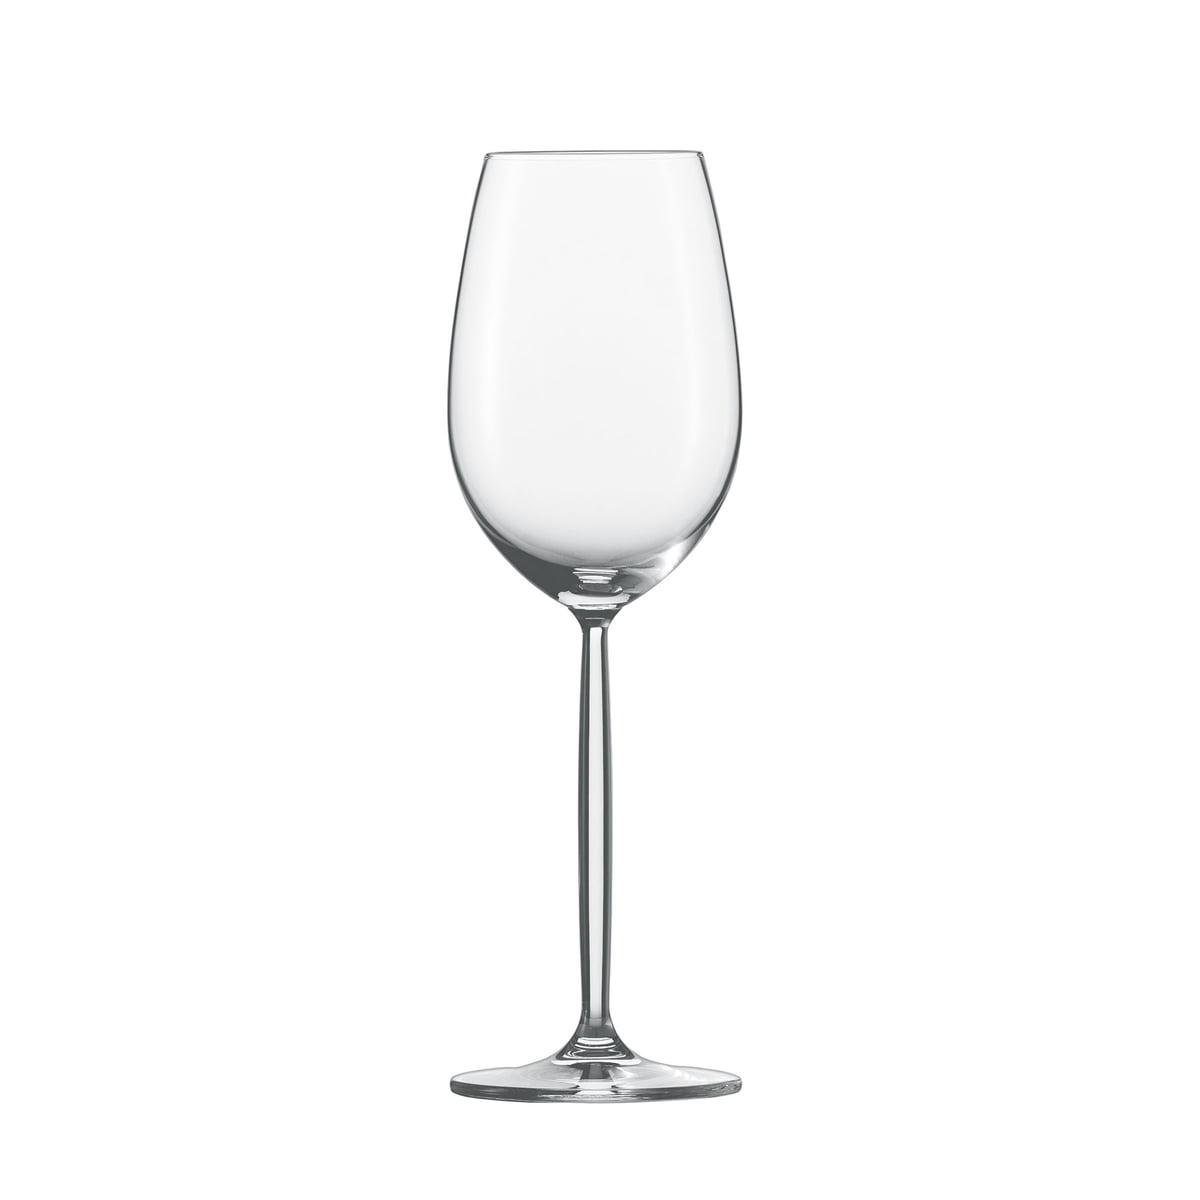 Zwiesel Kristallglas AG Schott Zwiesel - Diva Weinglas, Weißwein | Küche und Esszimmer > Besteck und Geschirr > Gläser | Transparent -  durchsichtig | Zwiesel Kristallglas AG